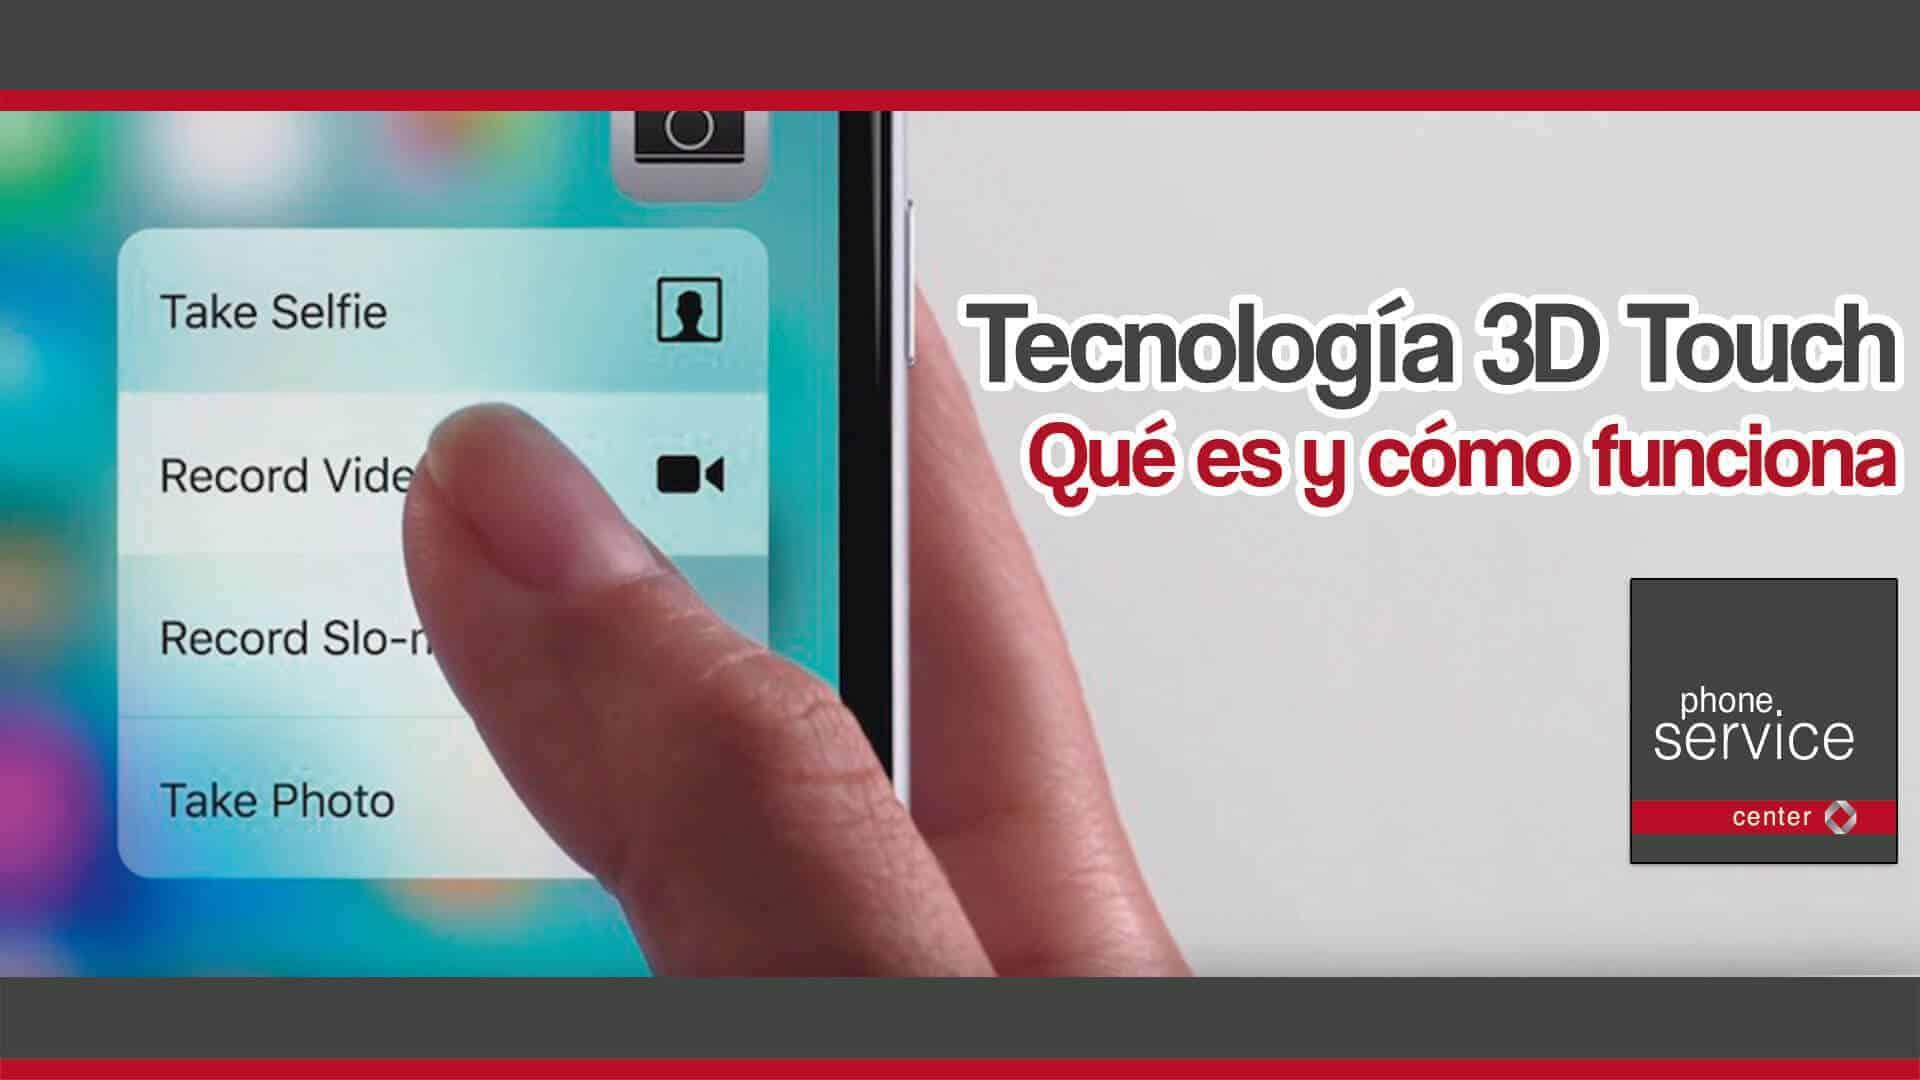 tecnologia 3D Touch que es y como funciona